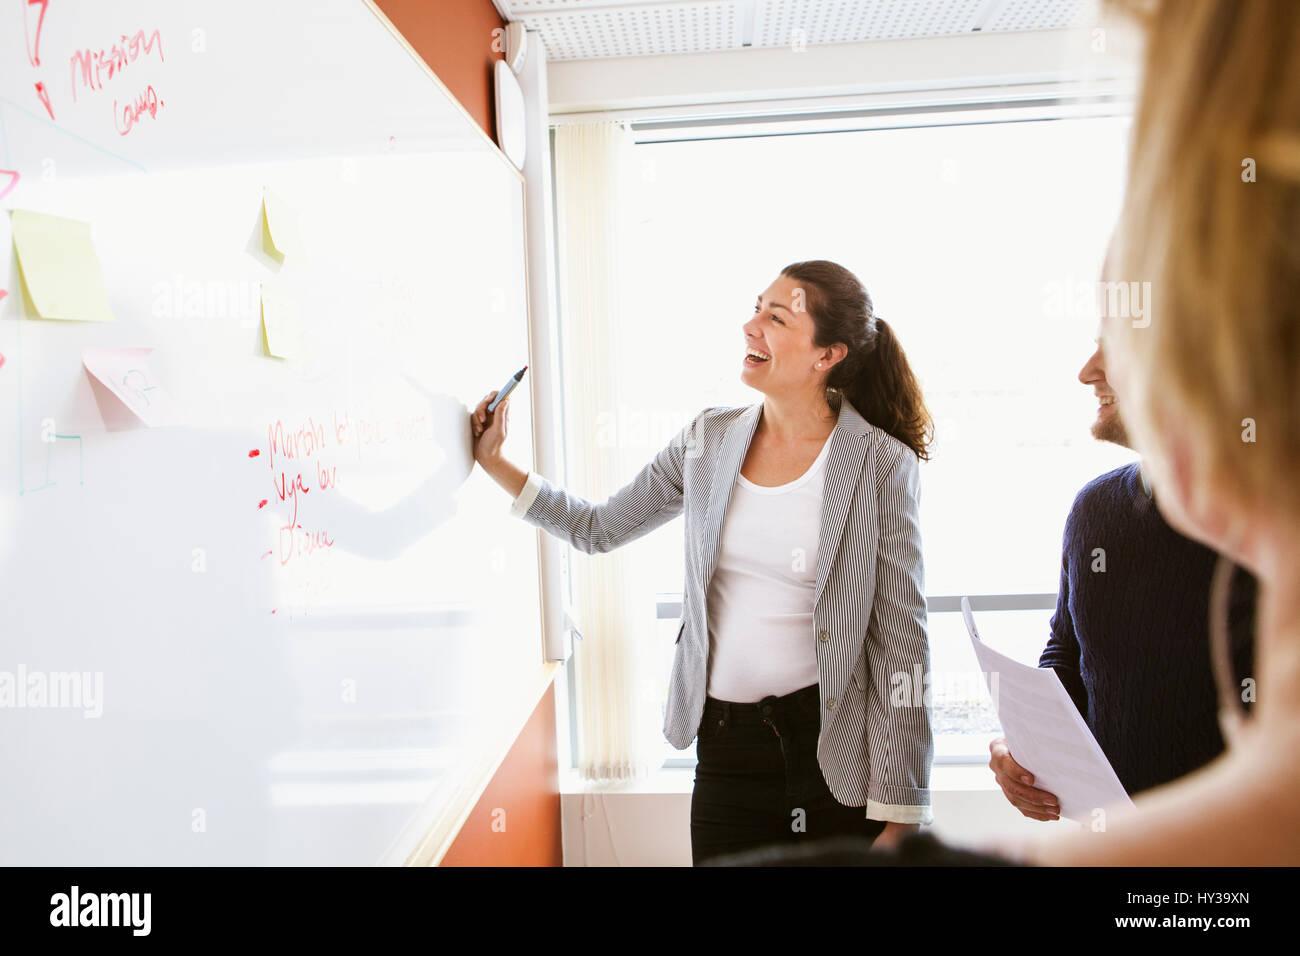 La Suède, young à bord et de rire lors de réunion d'affaires Photo Stock